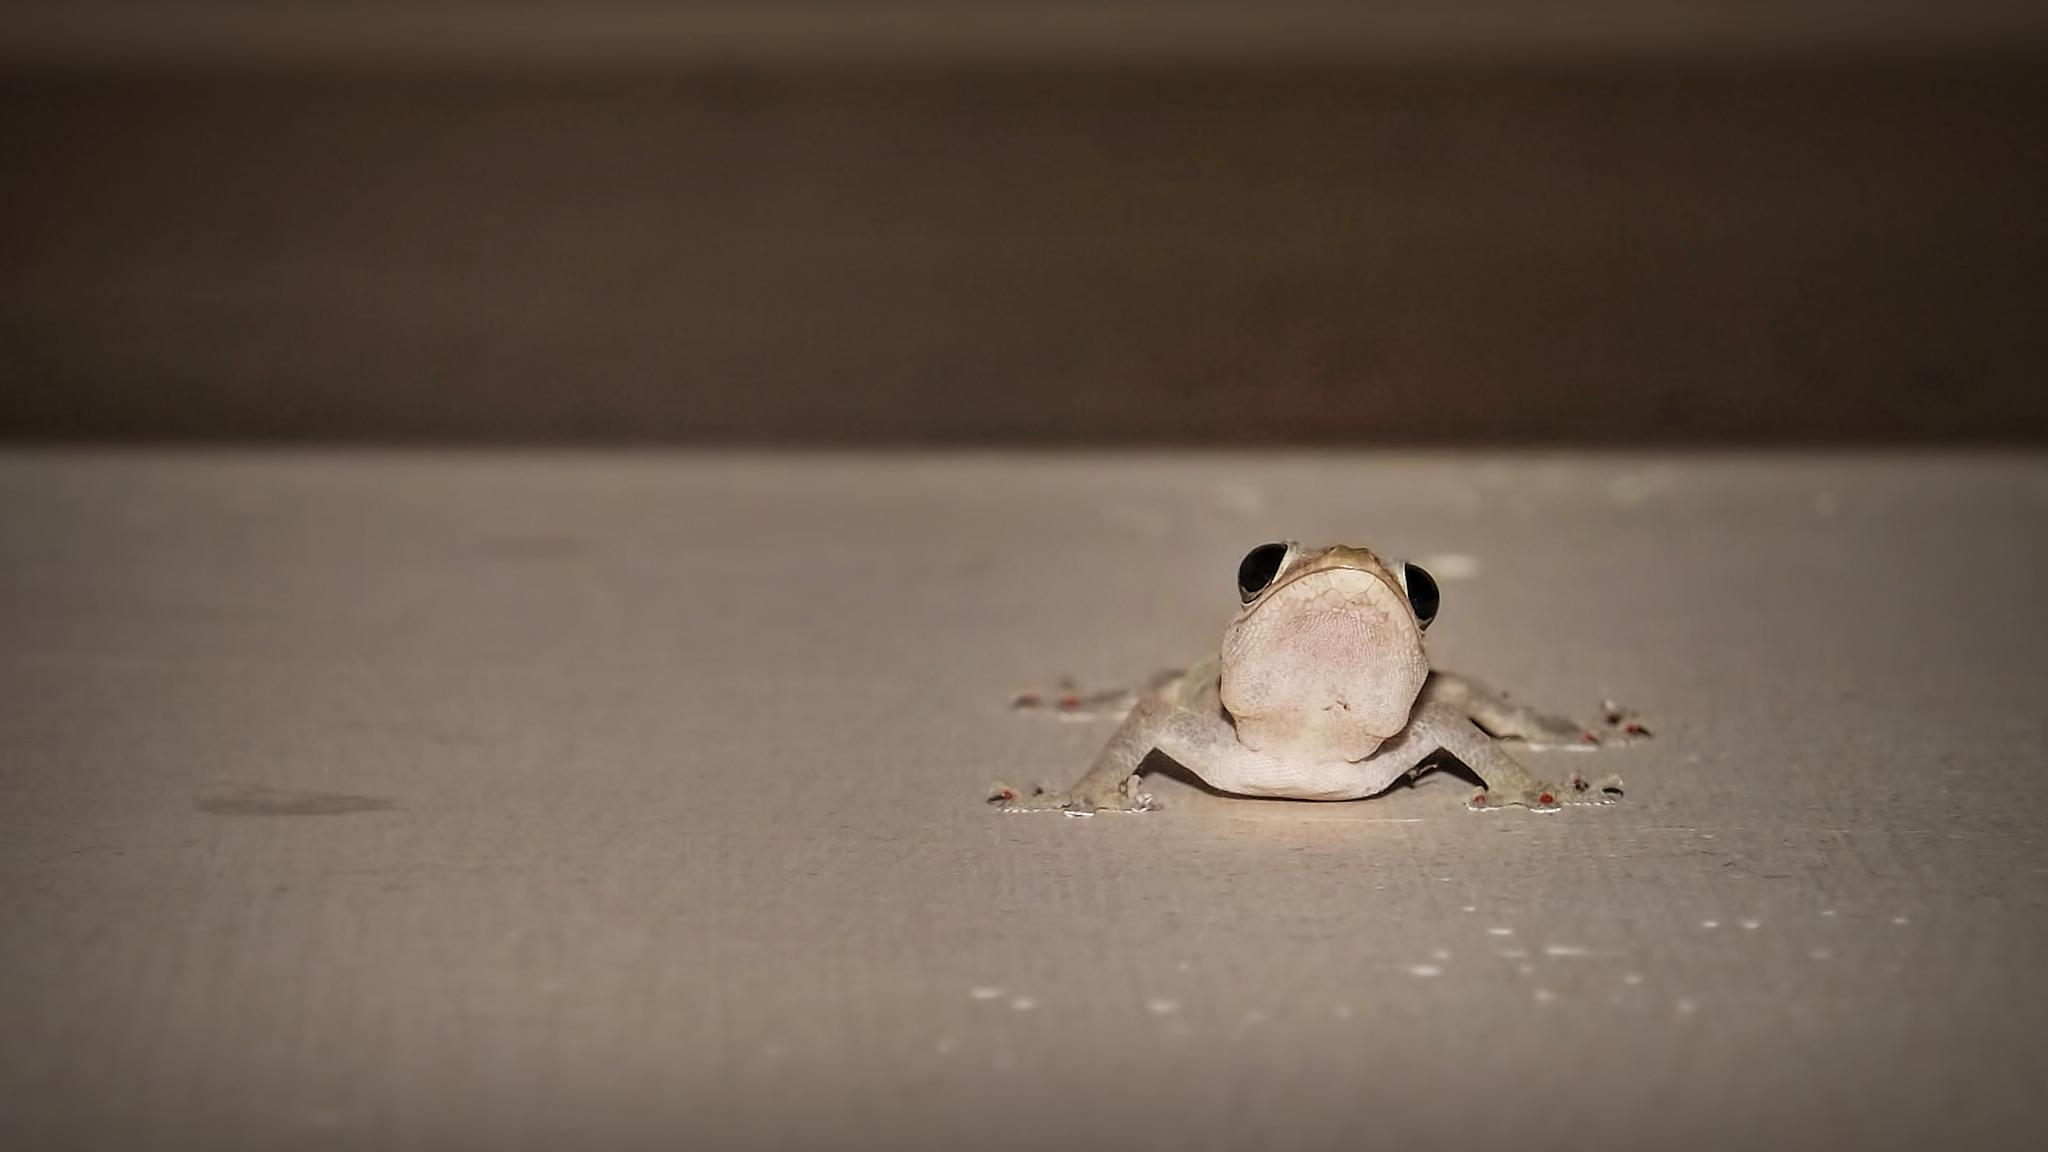 Lizard  by tasnim momit